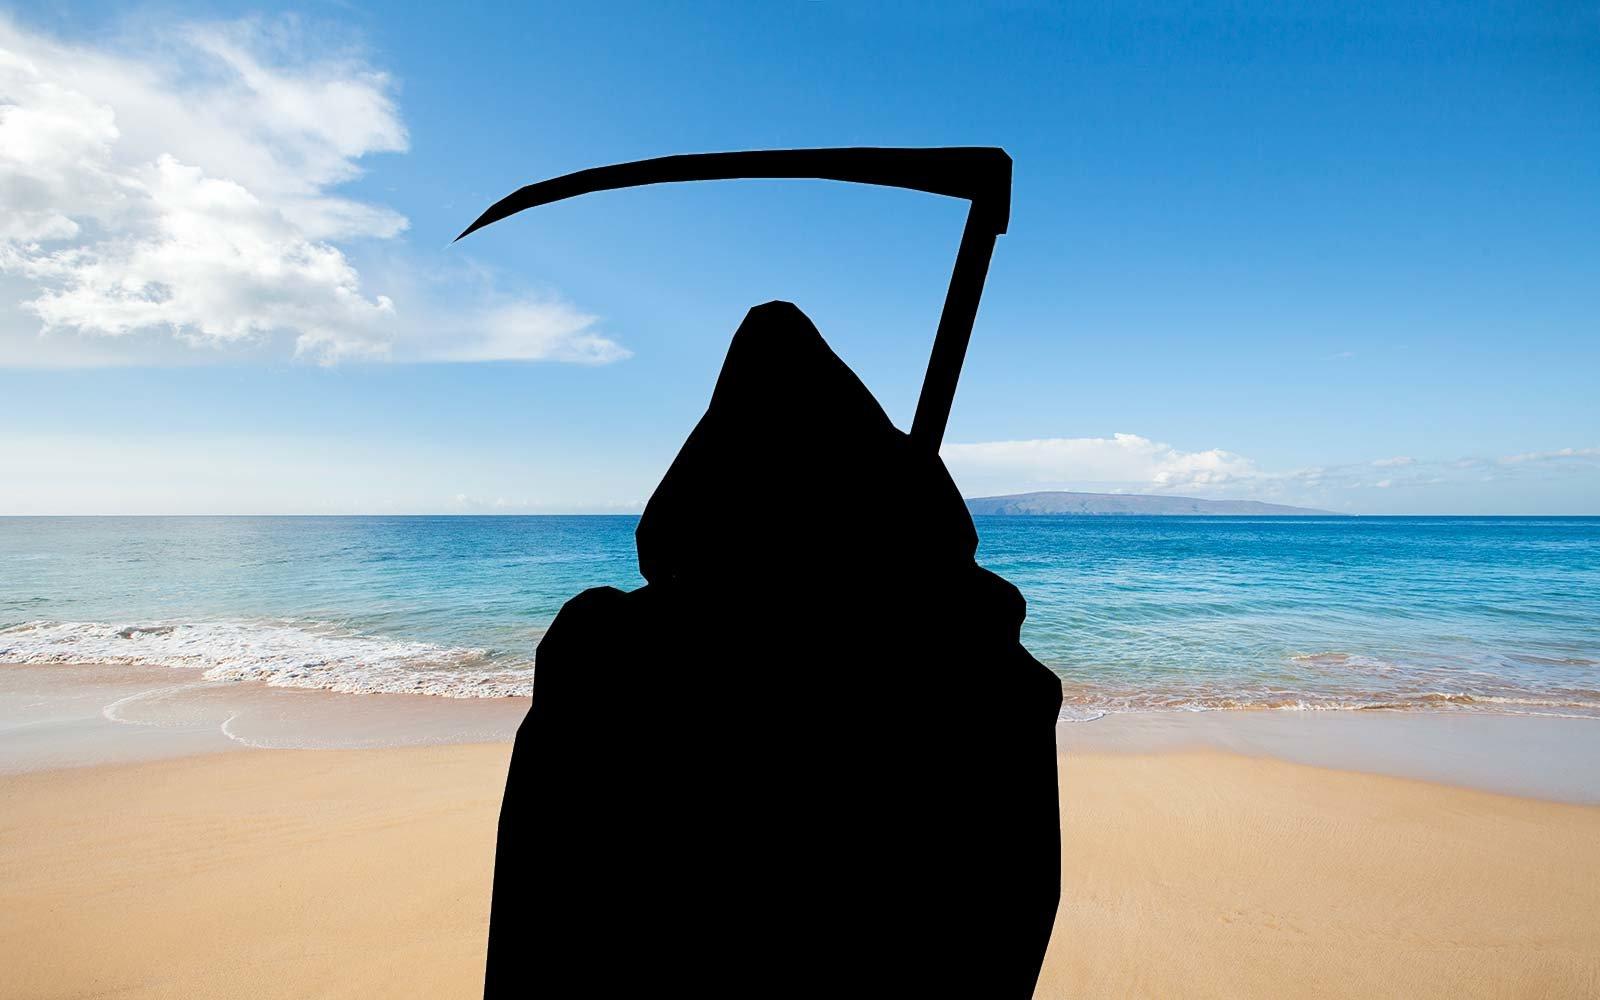 Смерть с косой в качестве спасателя Малибу: проект «The Swim Reaper»